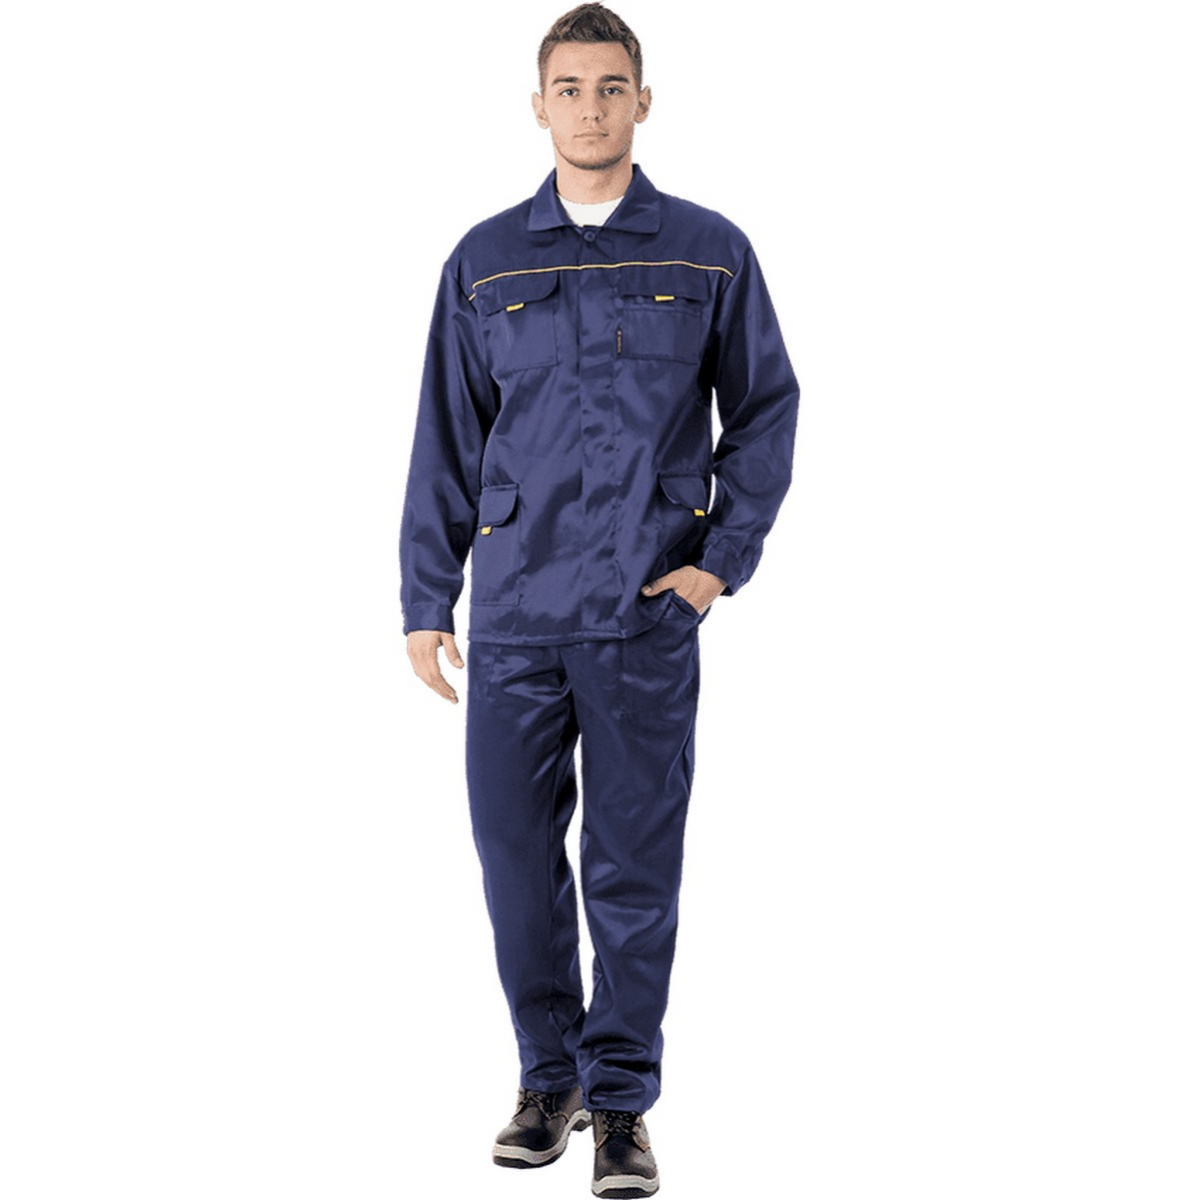 Костюм ВЫМПЕЛ-1 т/синий (куртка+брюки)  (разм. 112-116 рост 170-176)